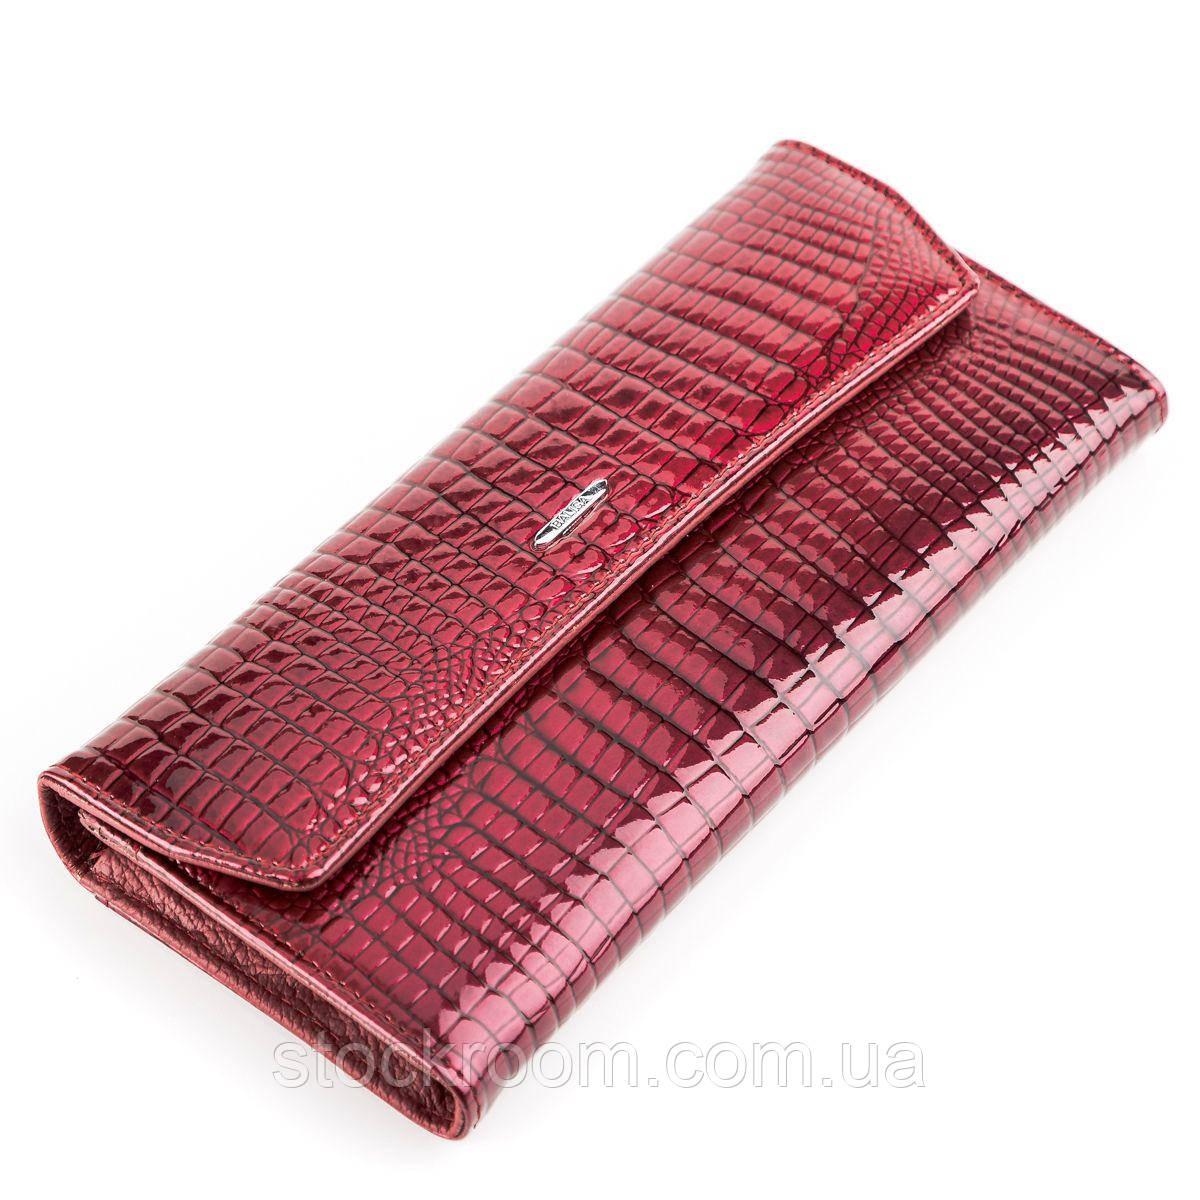 Кошелек женский BALISA 13860 кожаный Бордовый, Бордовый